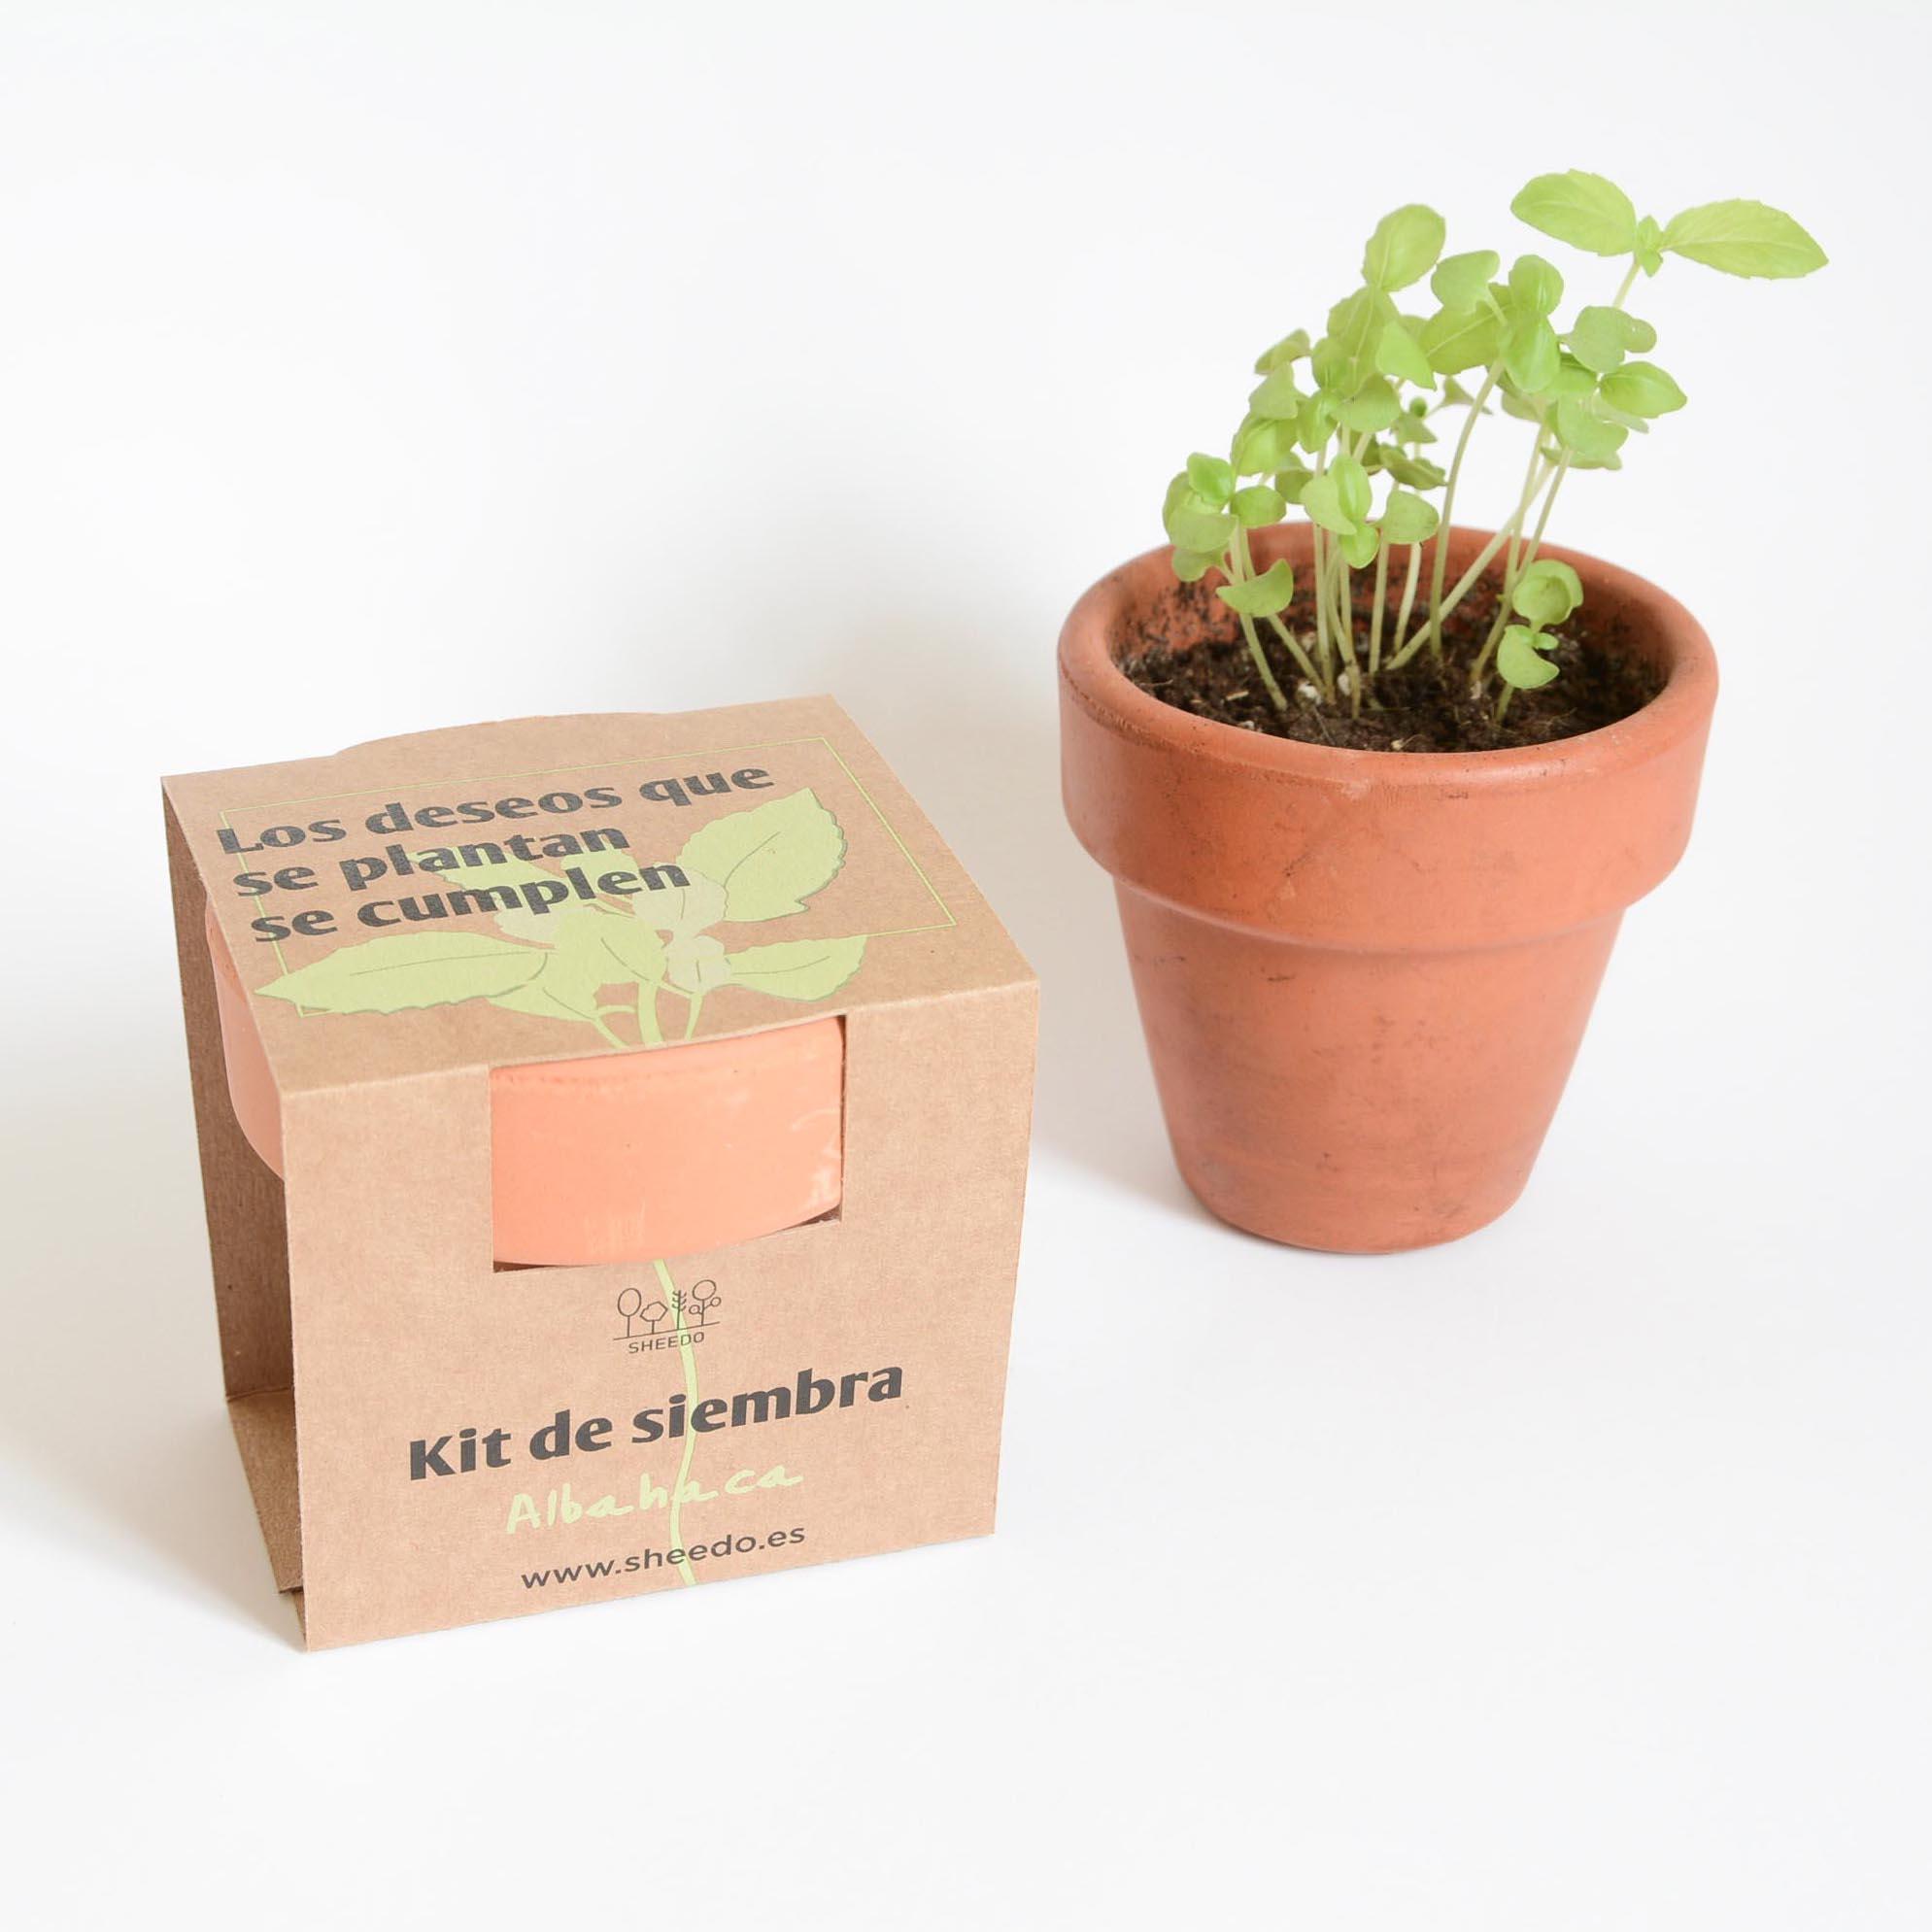 kit para sembrar albahaca